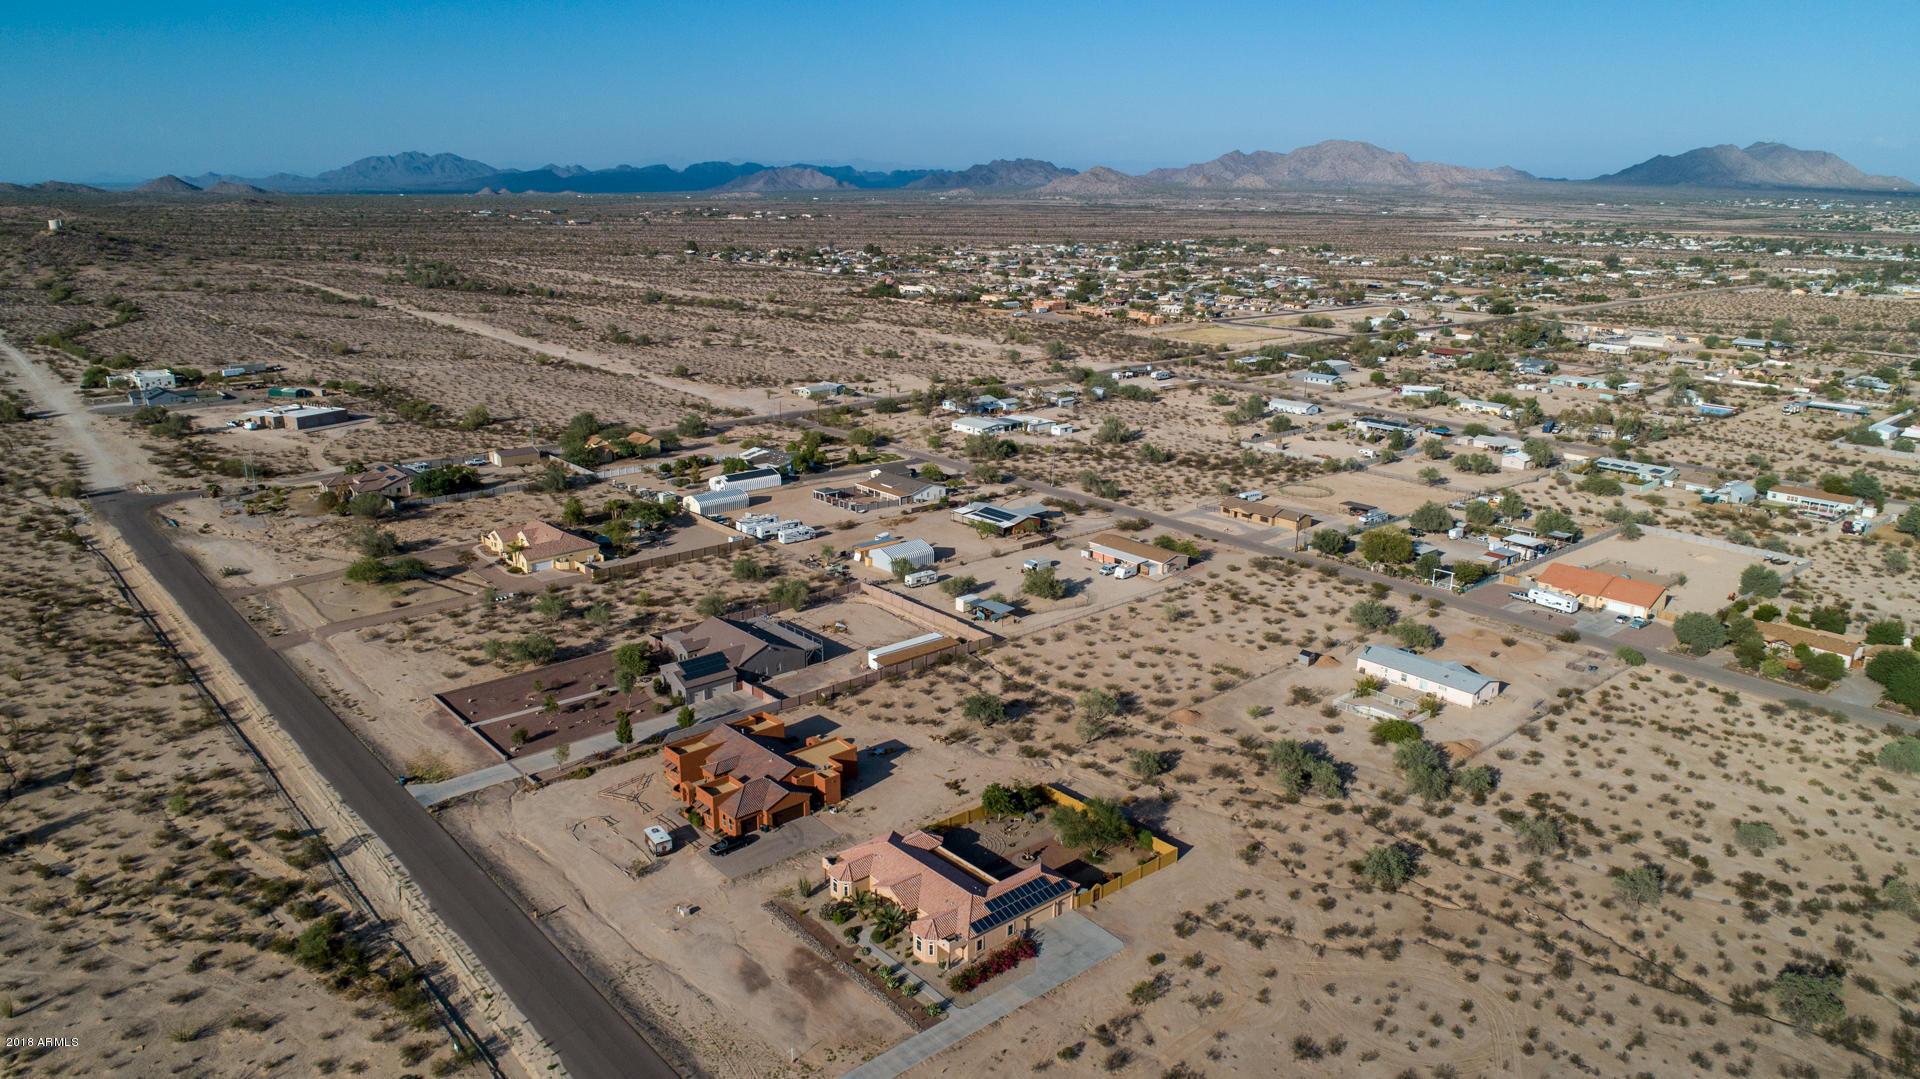 MLS 5822648 10121 N BURRIS Road, Casa Grande, AZ 85122 Casa Grande AZ Eco-Friendly